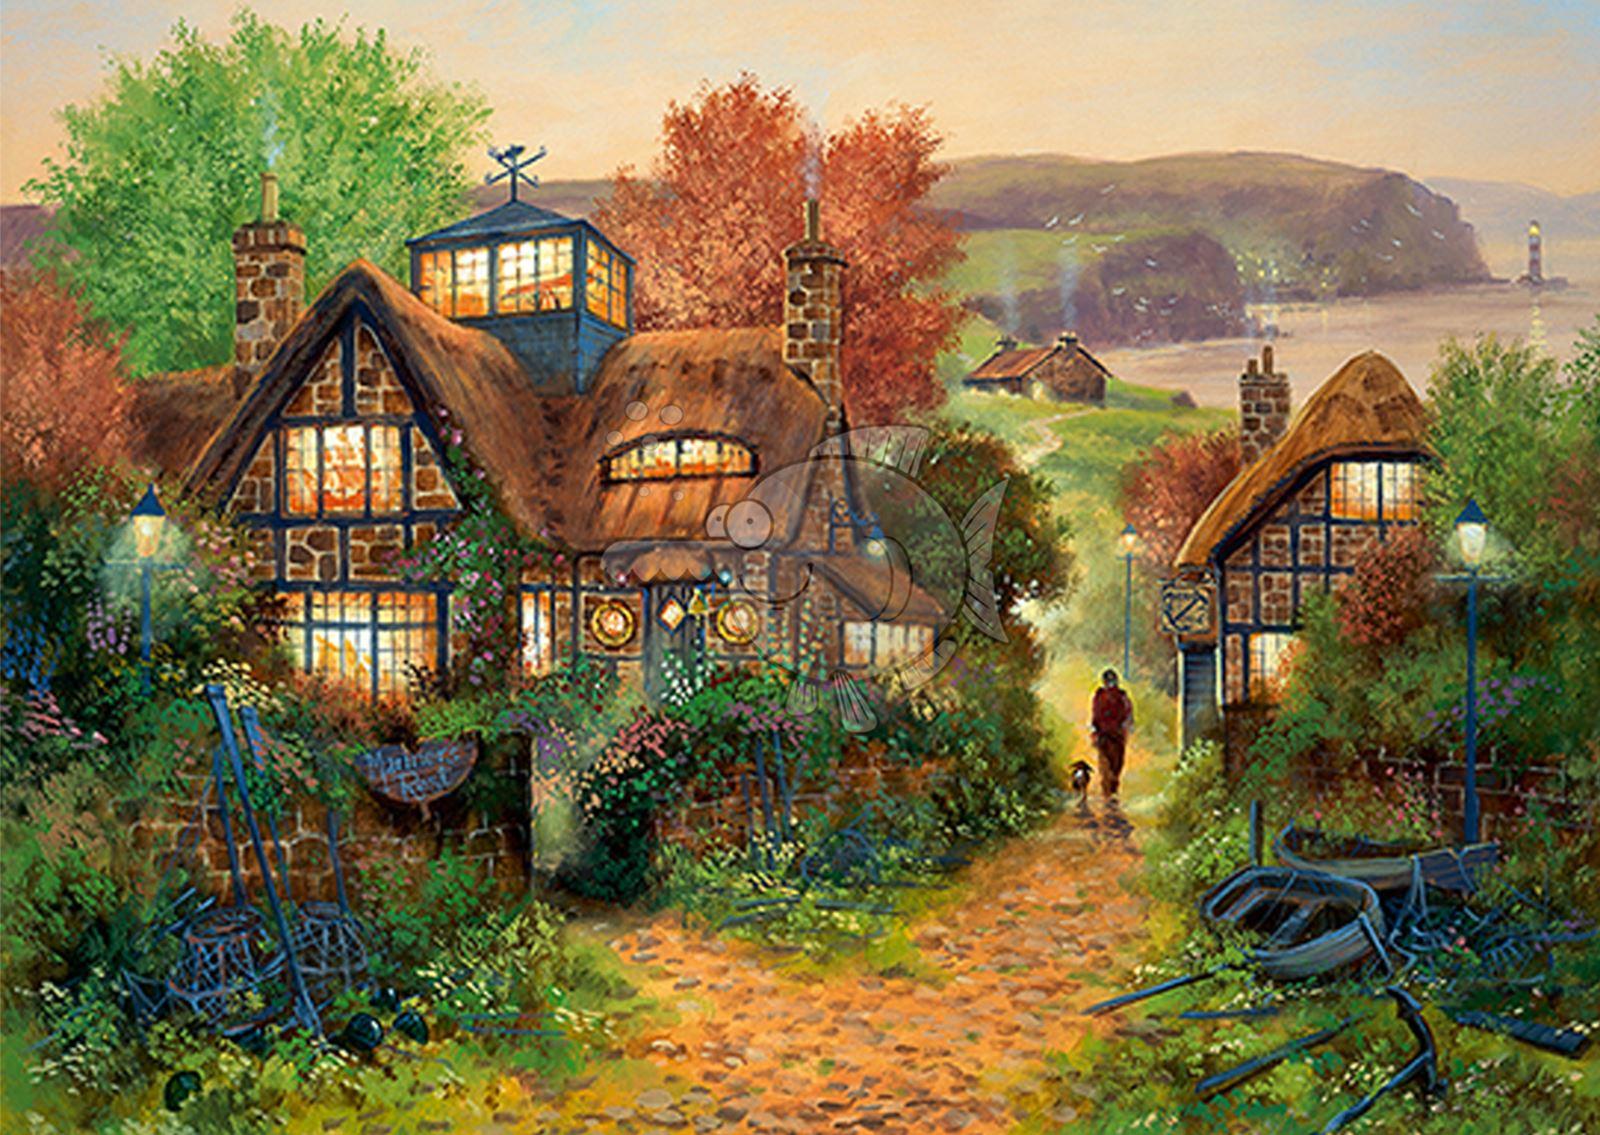 Trefl-300-500-1000-1500-2000-3000-4000-6000-Piece-Jigsaw-Puzzle-Paysages-Ville miniature 129